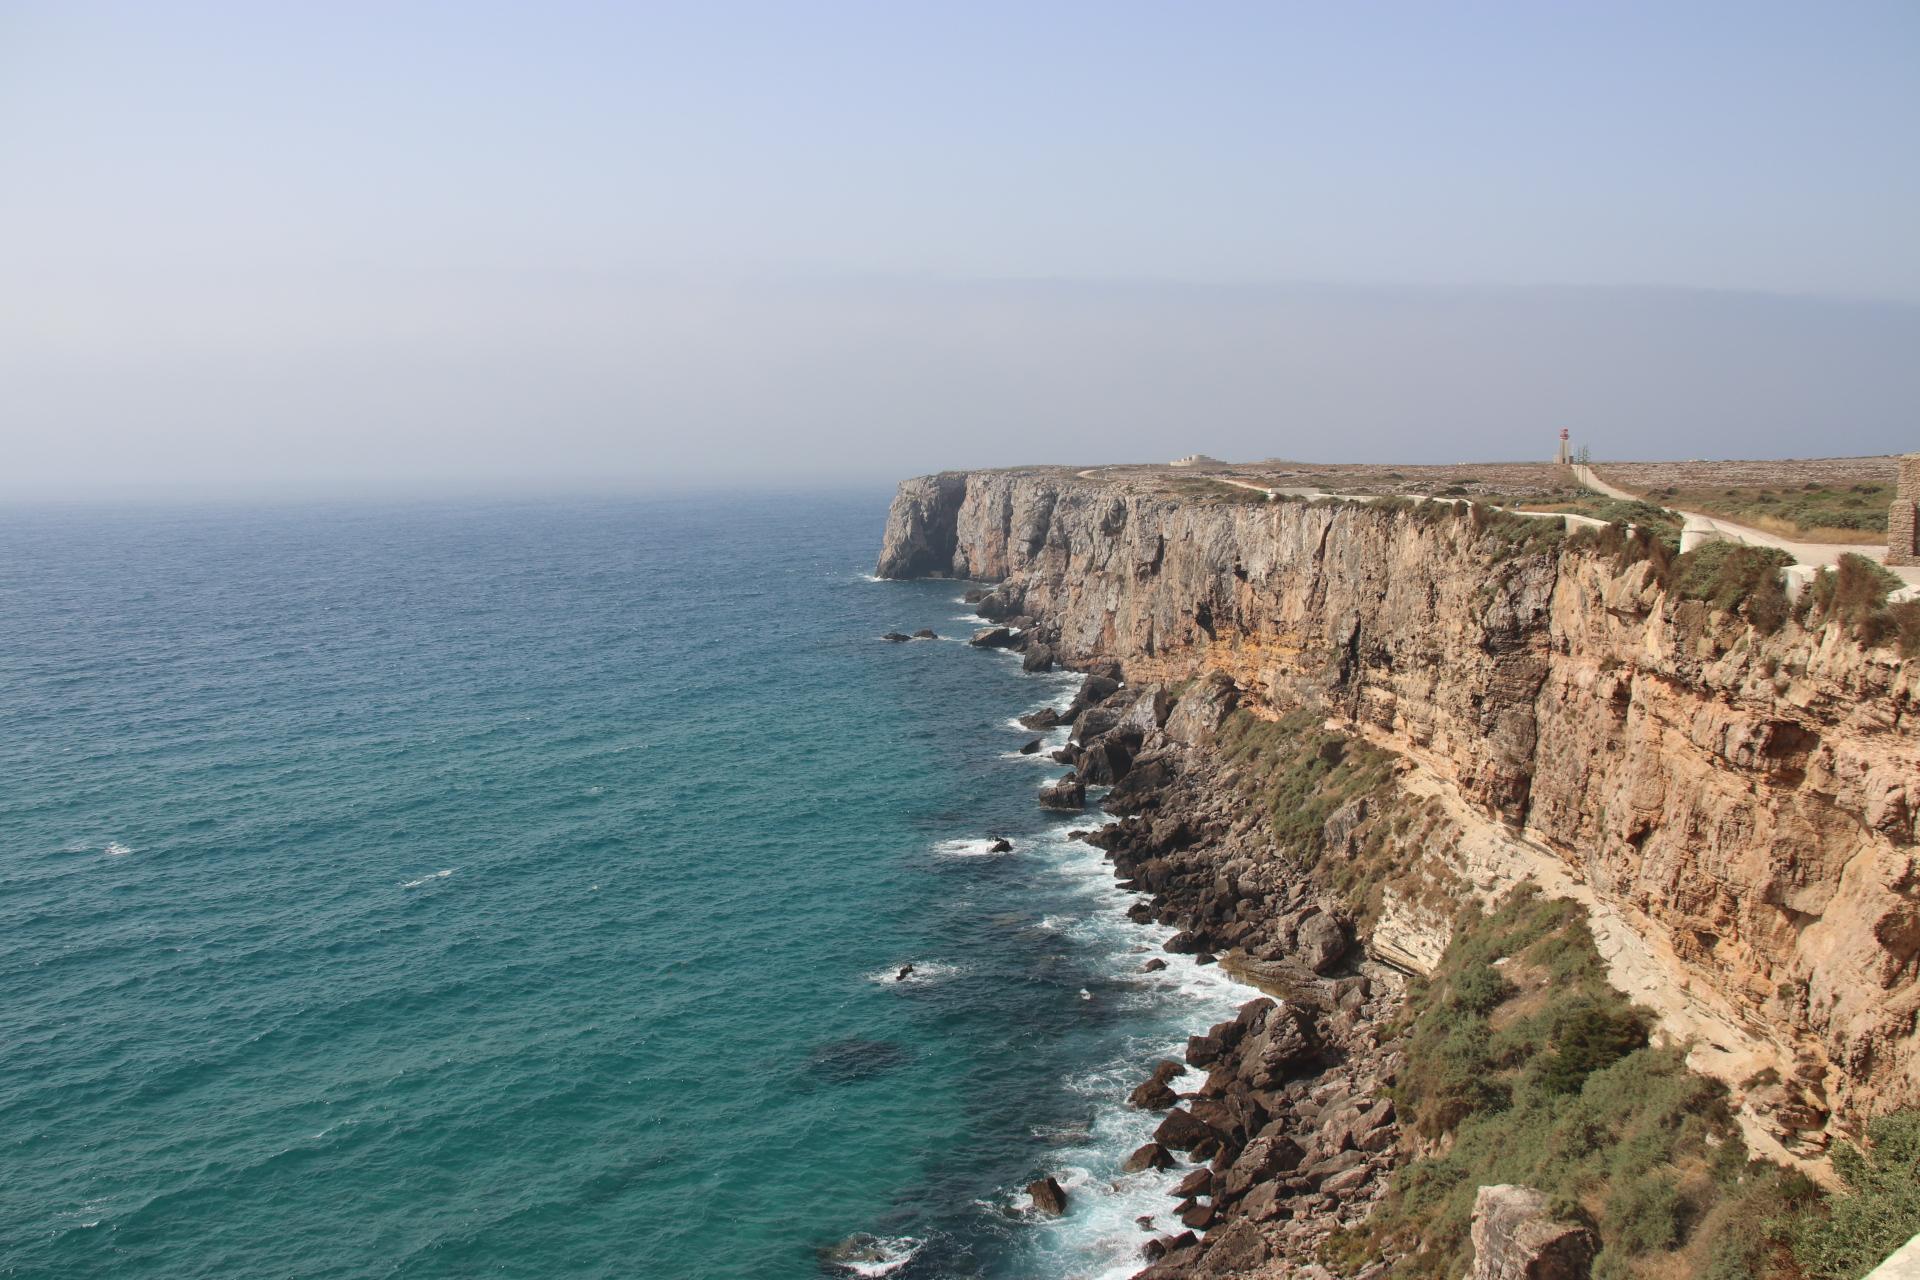 Fort Fortaleza de Sagres - Die alte Festung von Sagres an der Algarve